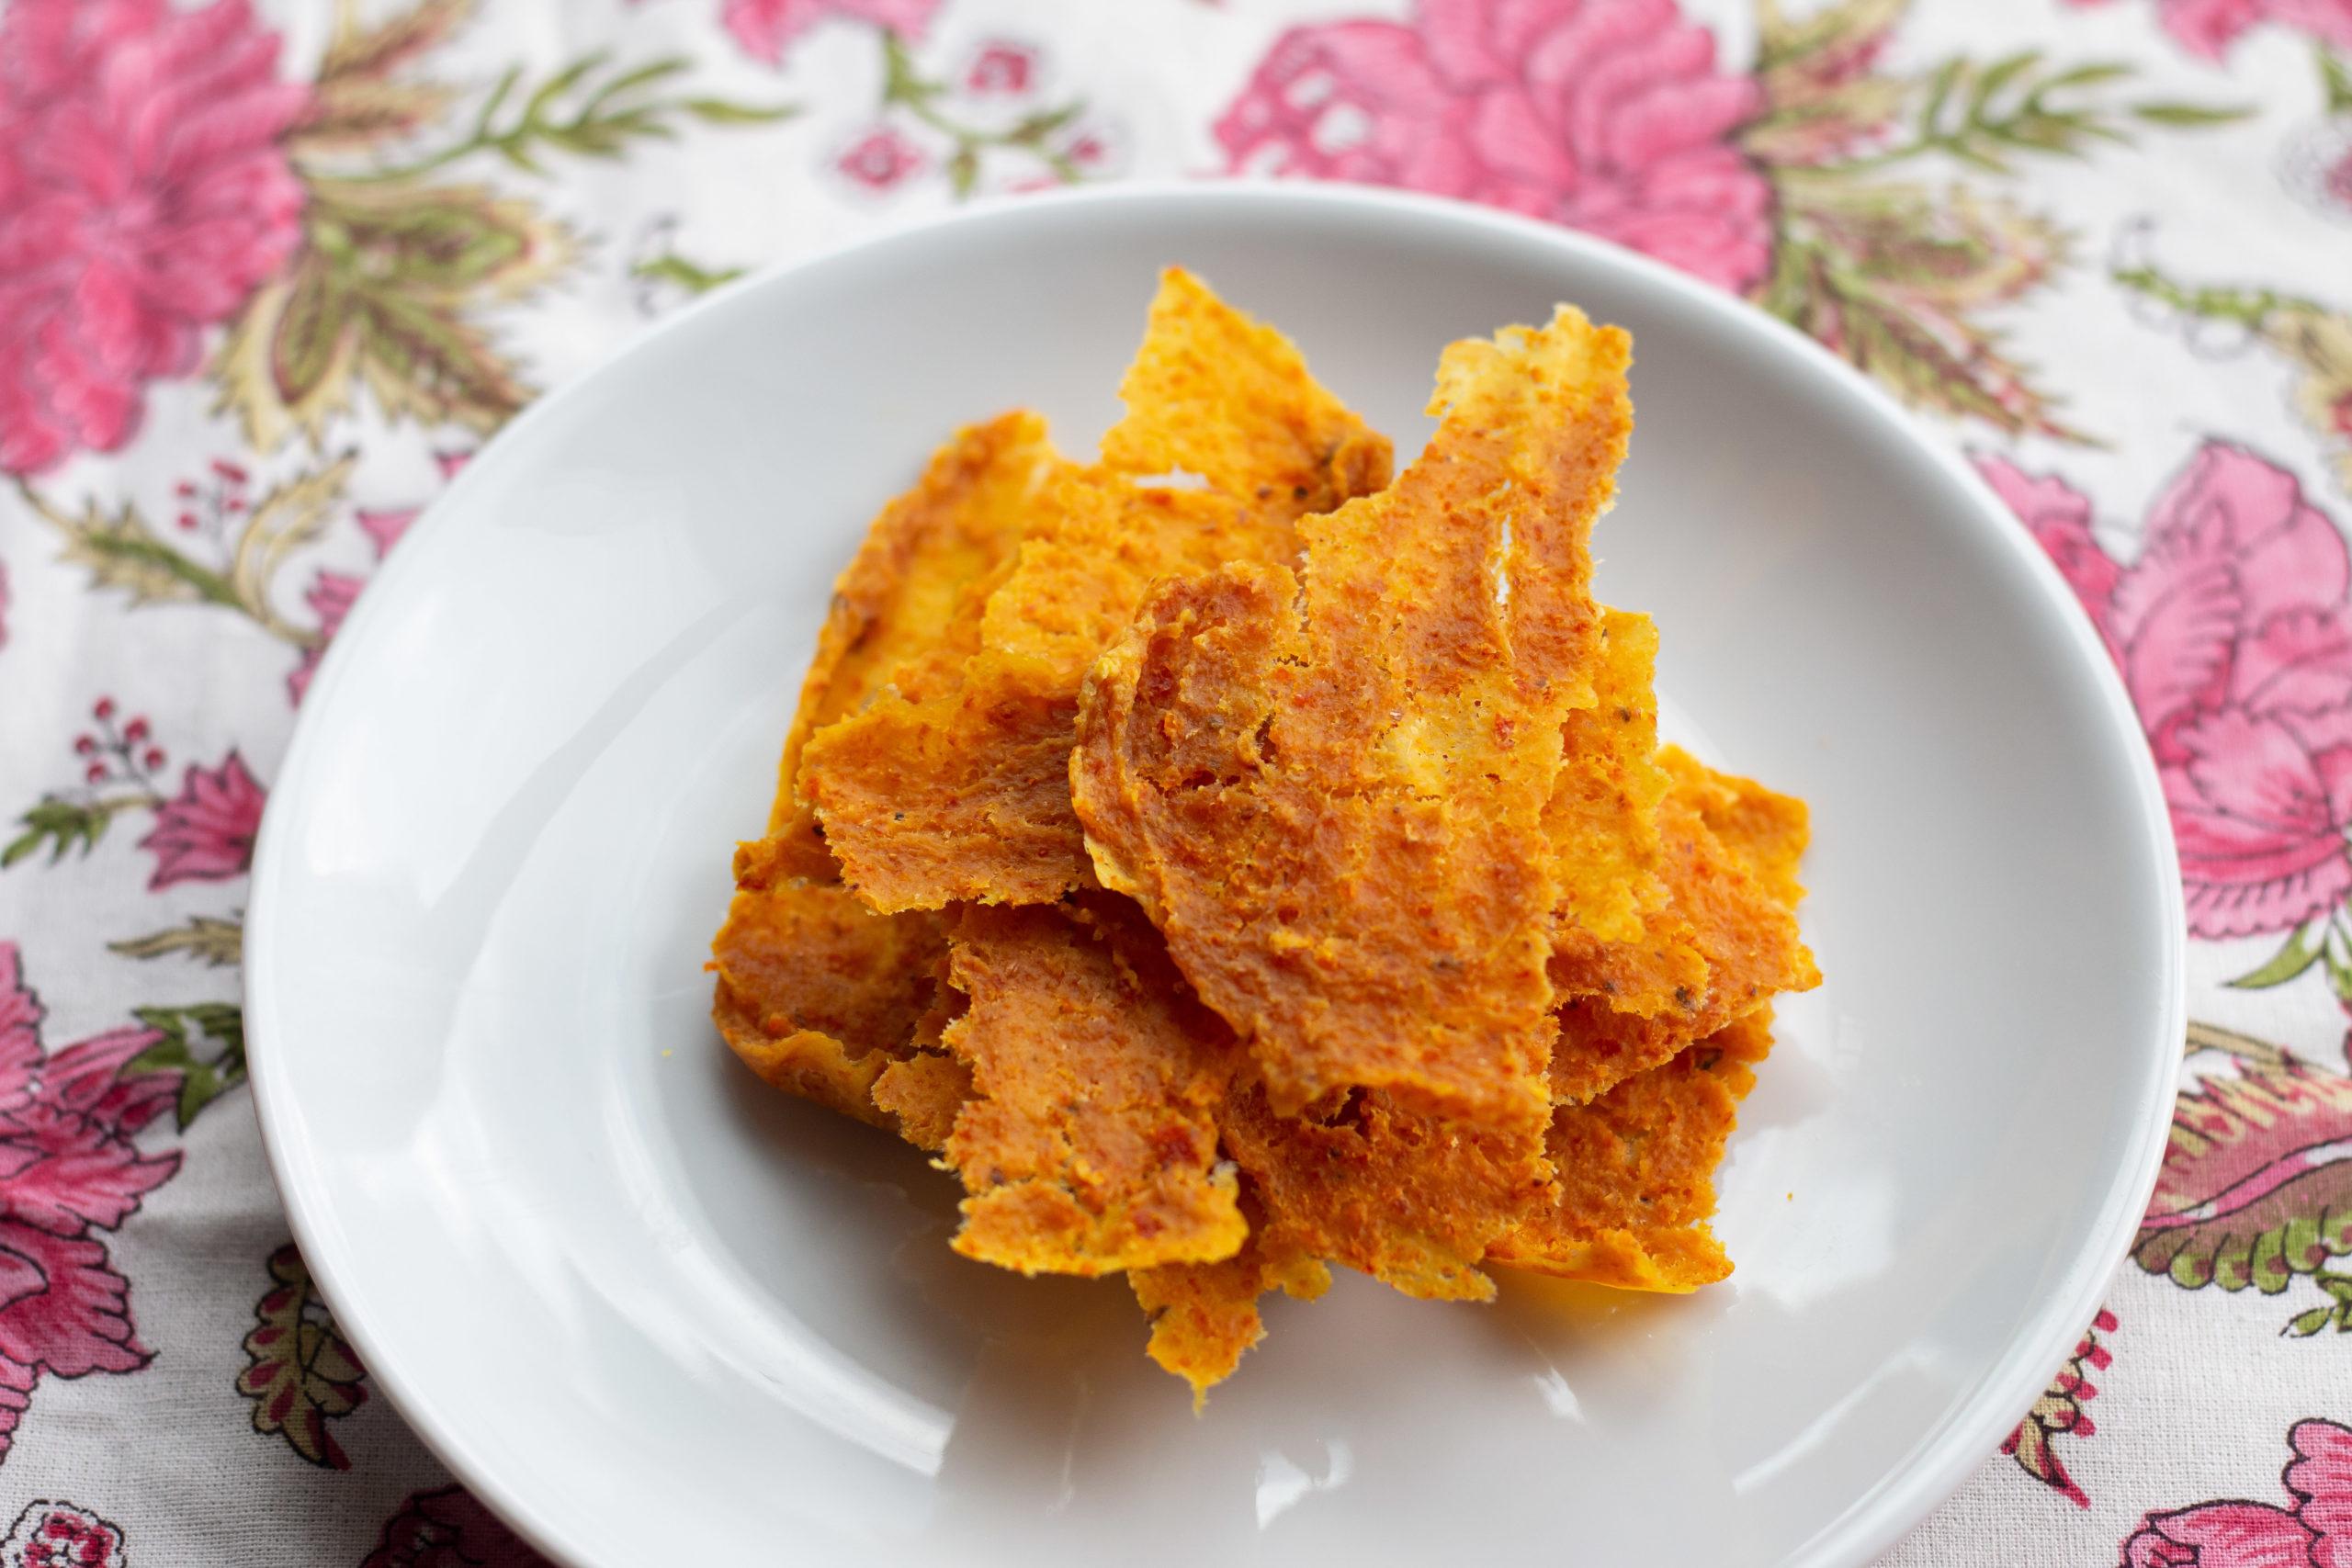 لفافة البرتقال وبذور كزبره على صحن ابيض فوق غطاء طاوله ملون